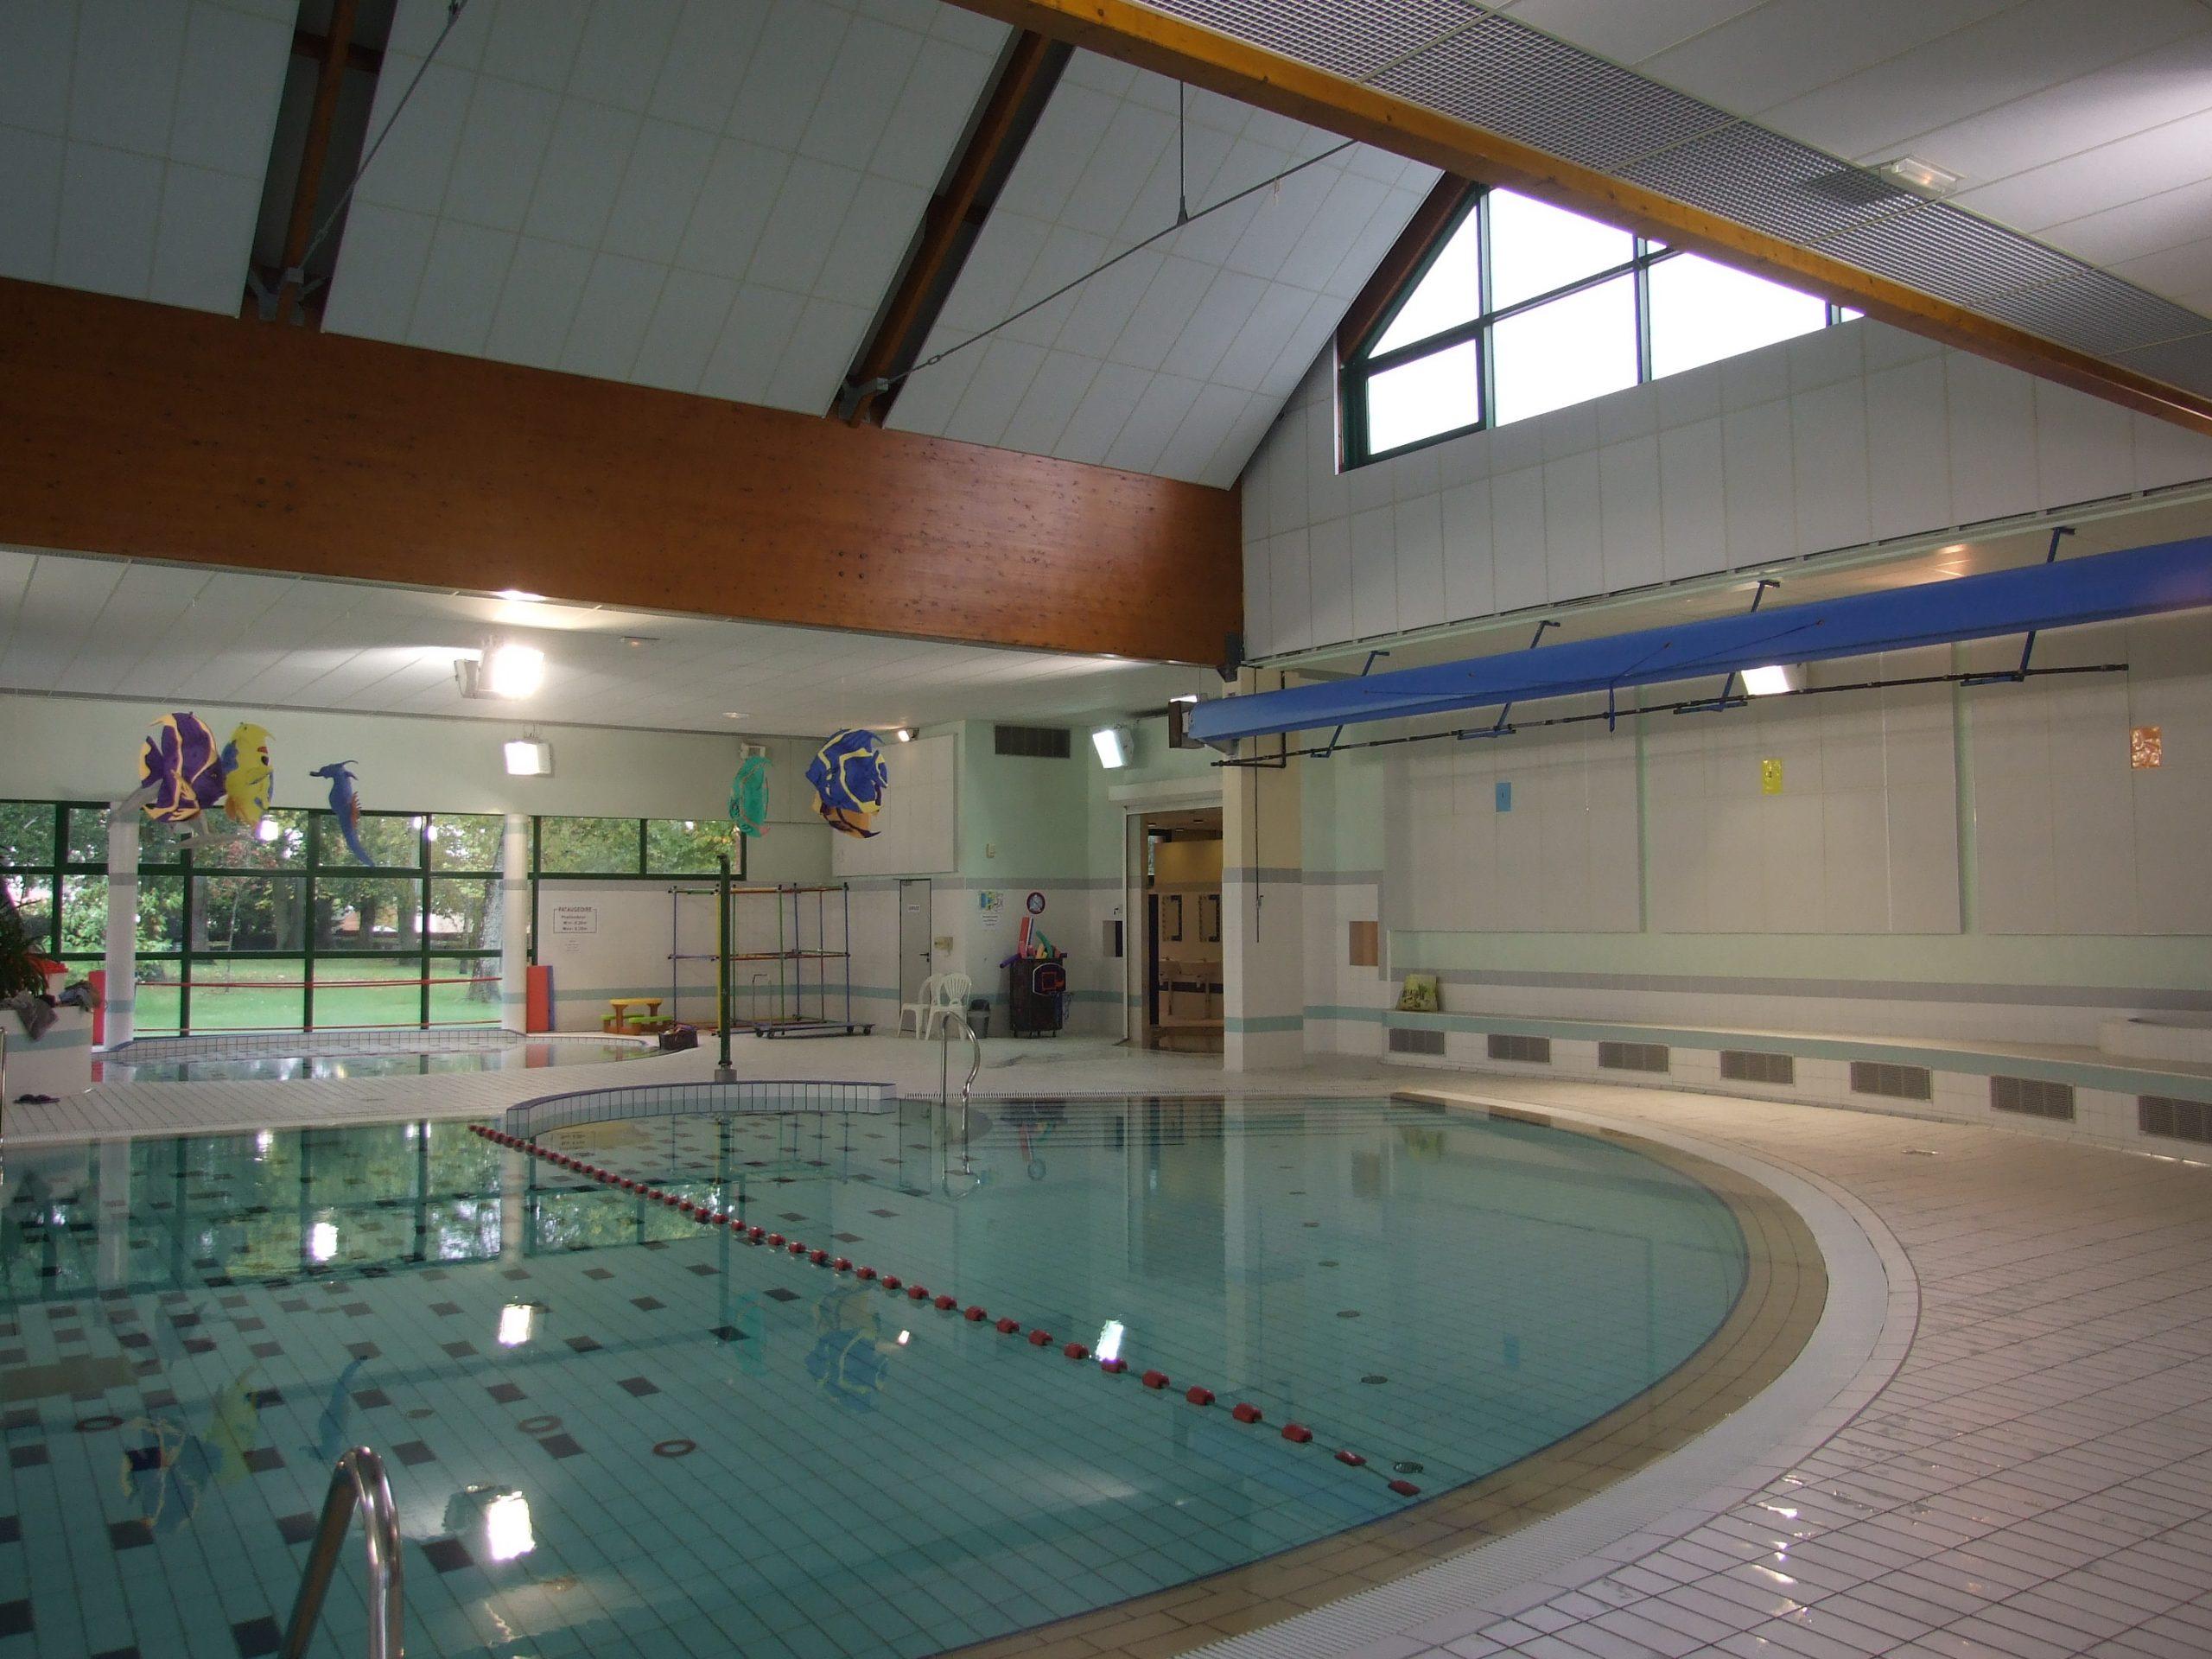 Dufisol: Faux Plafonds Pour Salles De Sport Et Gymnases dedans Piscine Bourgonnière